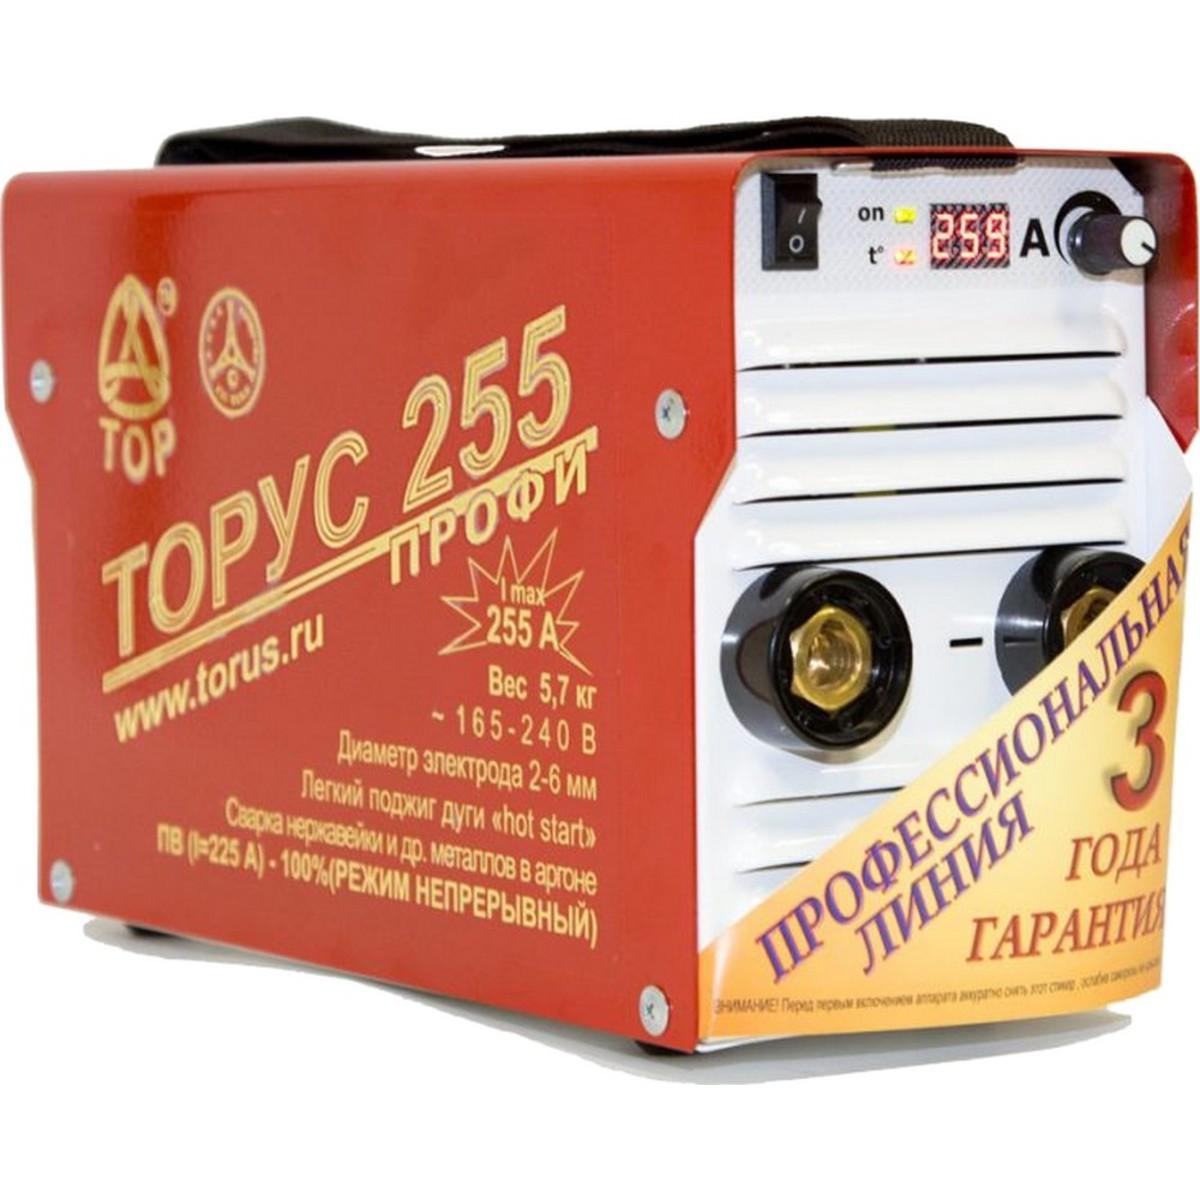 Дуговой сварочный инвертор ТОРУС 255 + комплект проводов 95566023